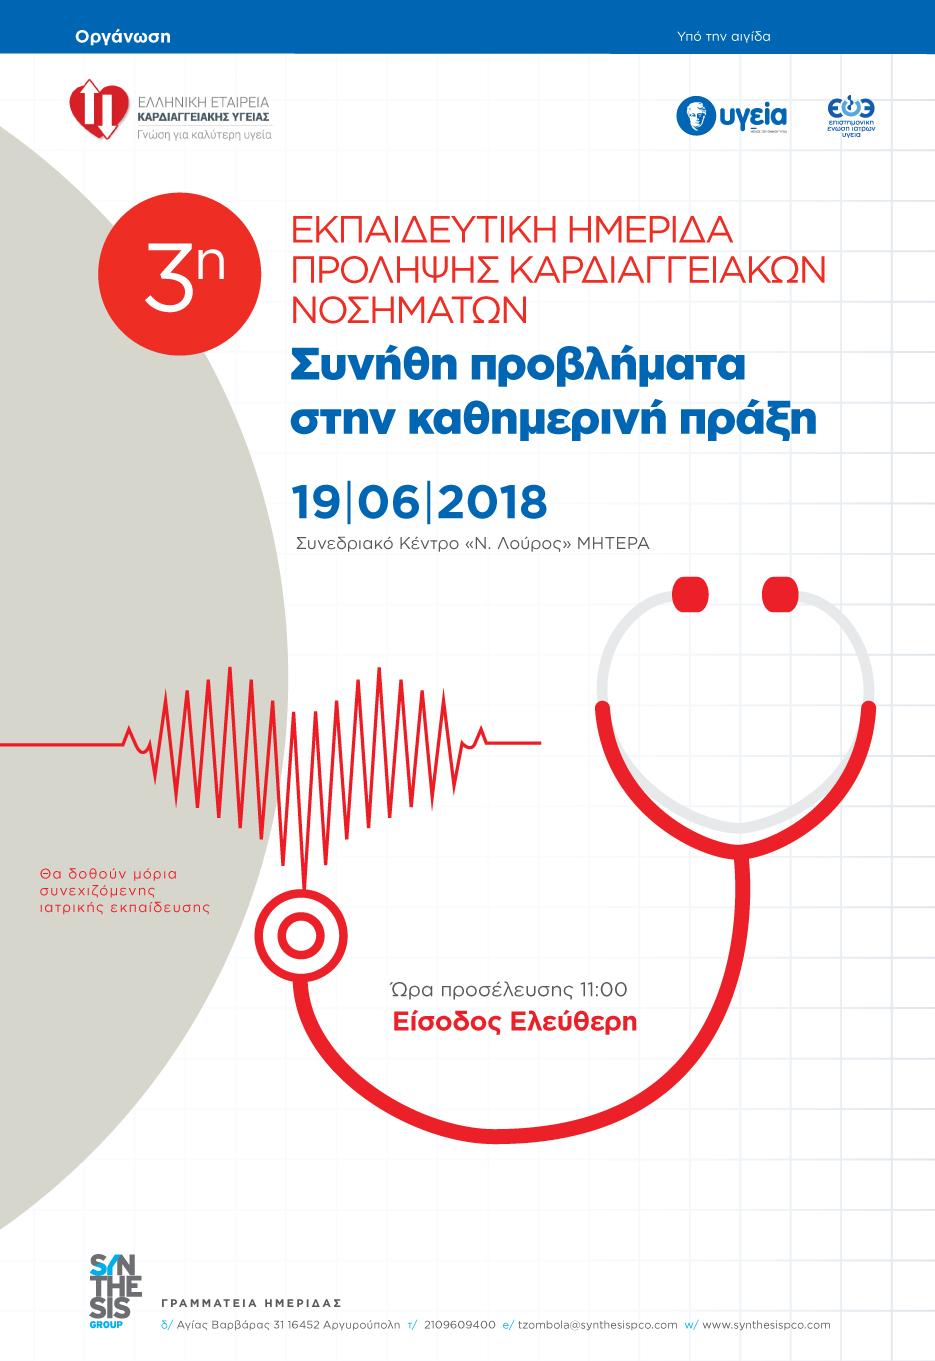 3η Εκπαιδευτική Ημερίδα Πρόληψης Καρδιαγγειακών Νοσημάτων